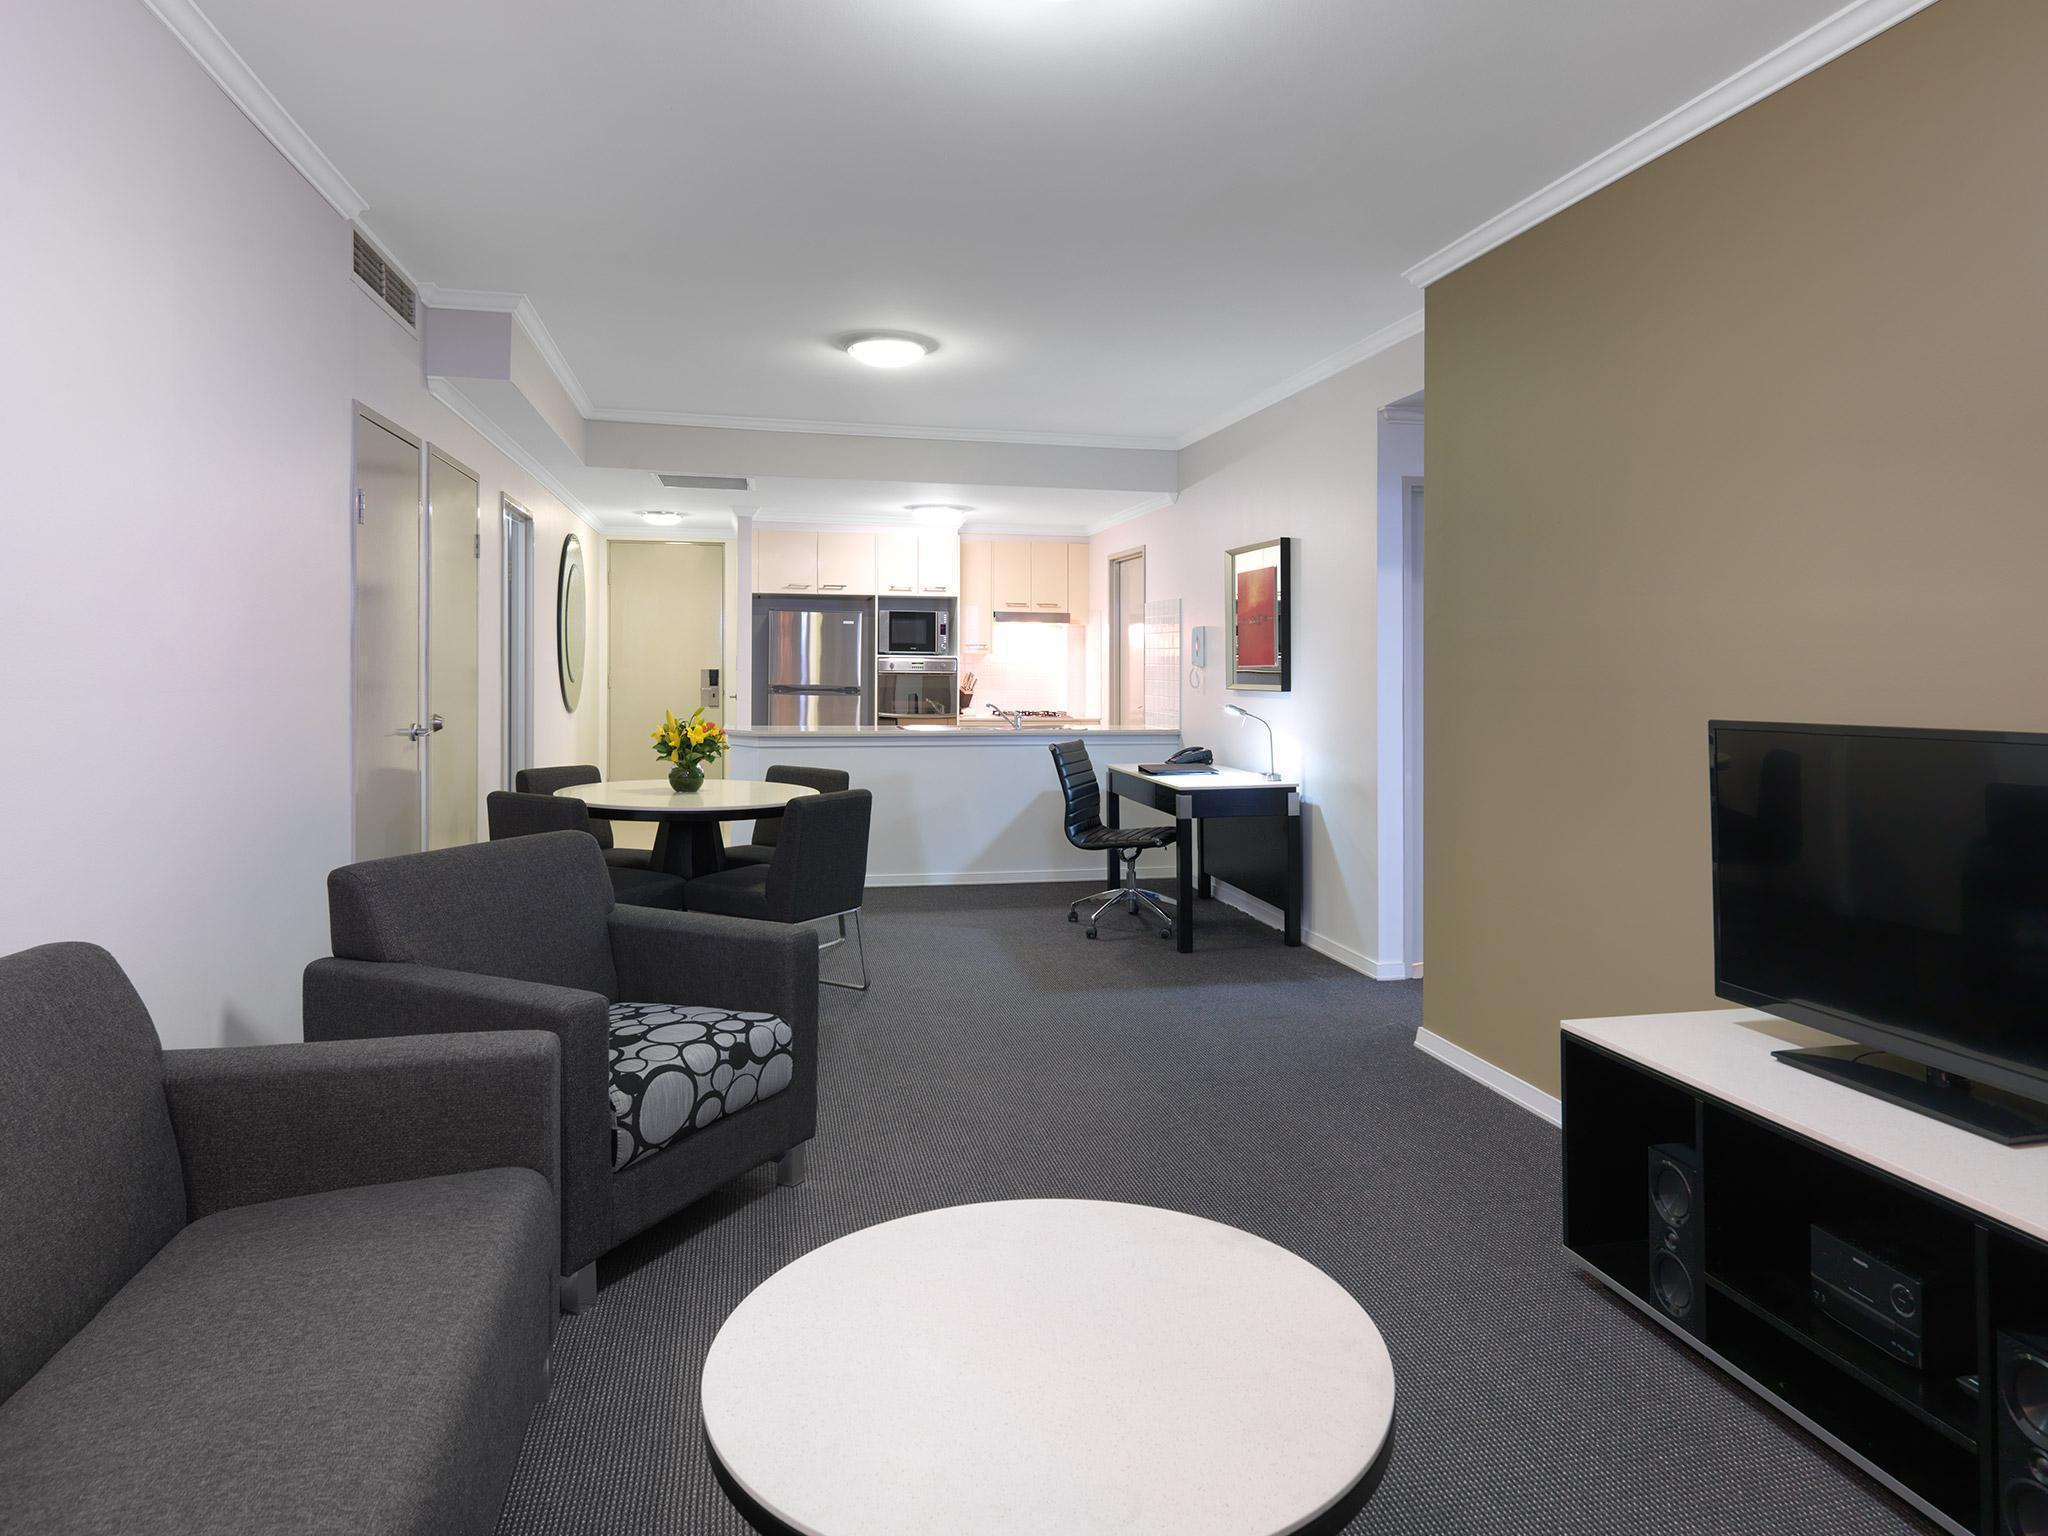 美利通酒店式公寓-邦迪枢纽 (meriton serviced apartments bondi图片